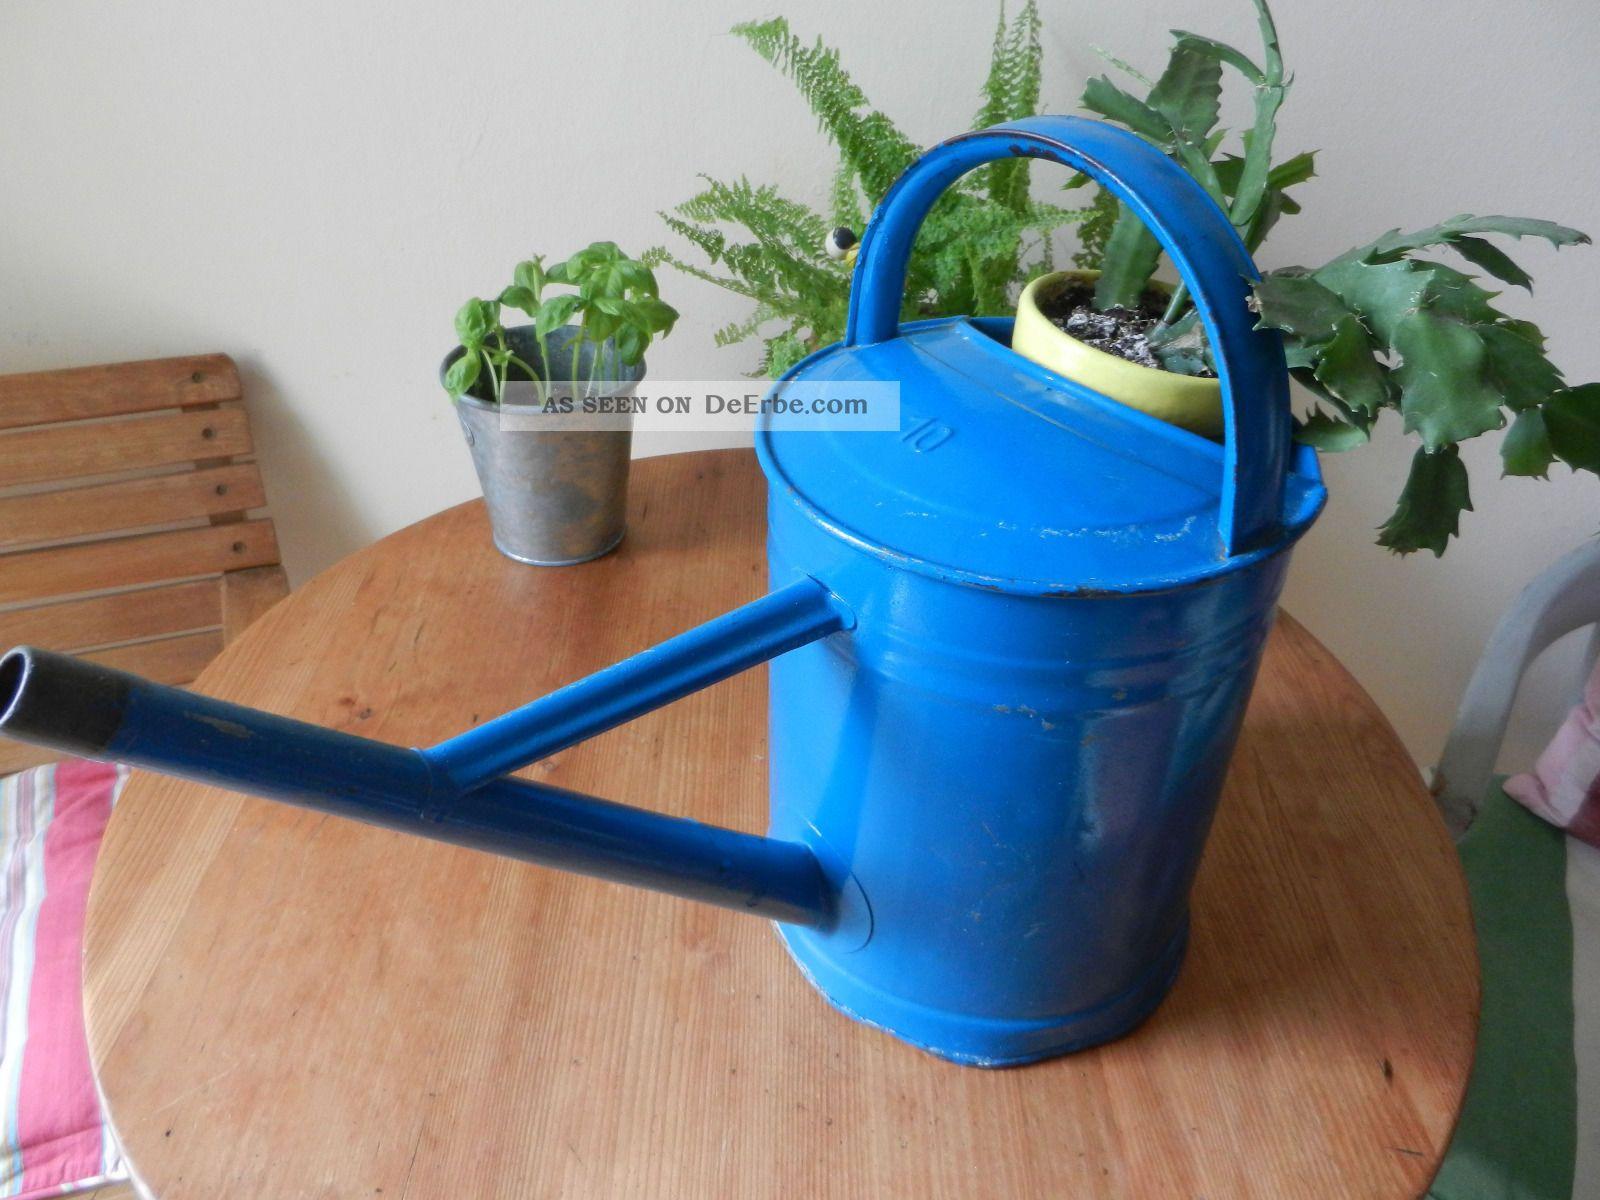 Alte shabby zink gie kanne gartendeko kanne blau vintage landhaus nostalgie diy - Shabby gartendeko ...